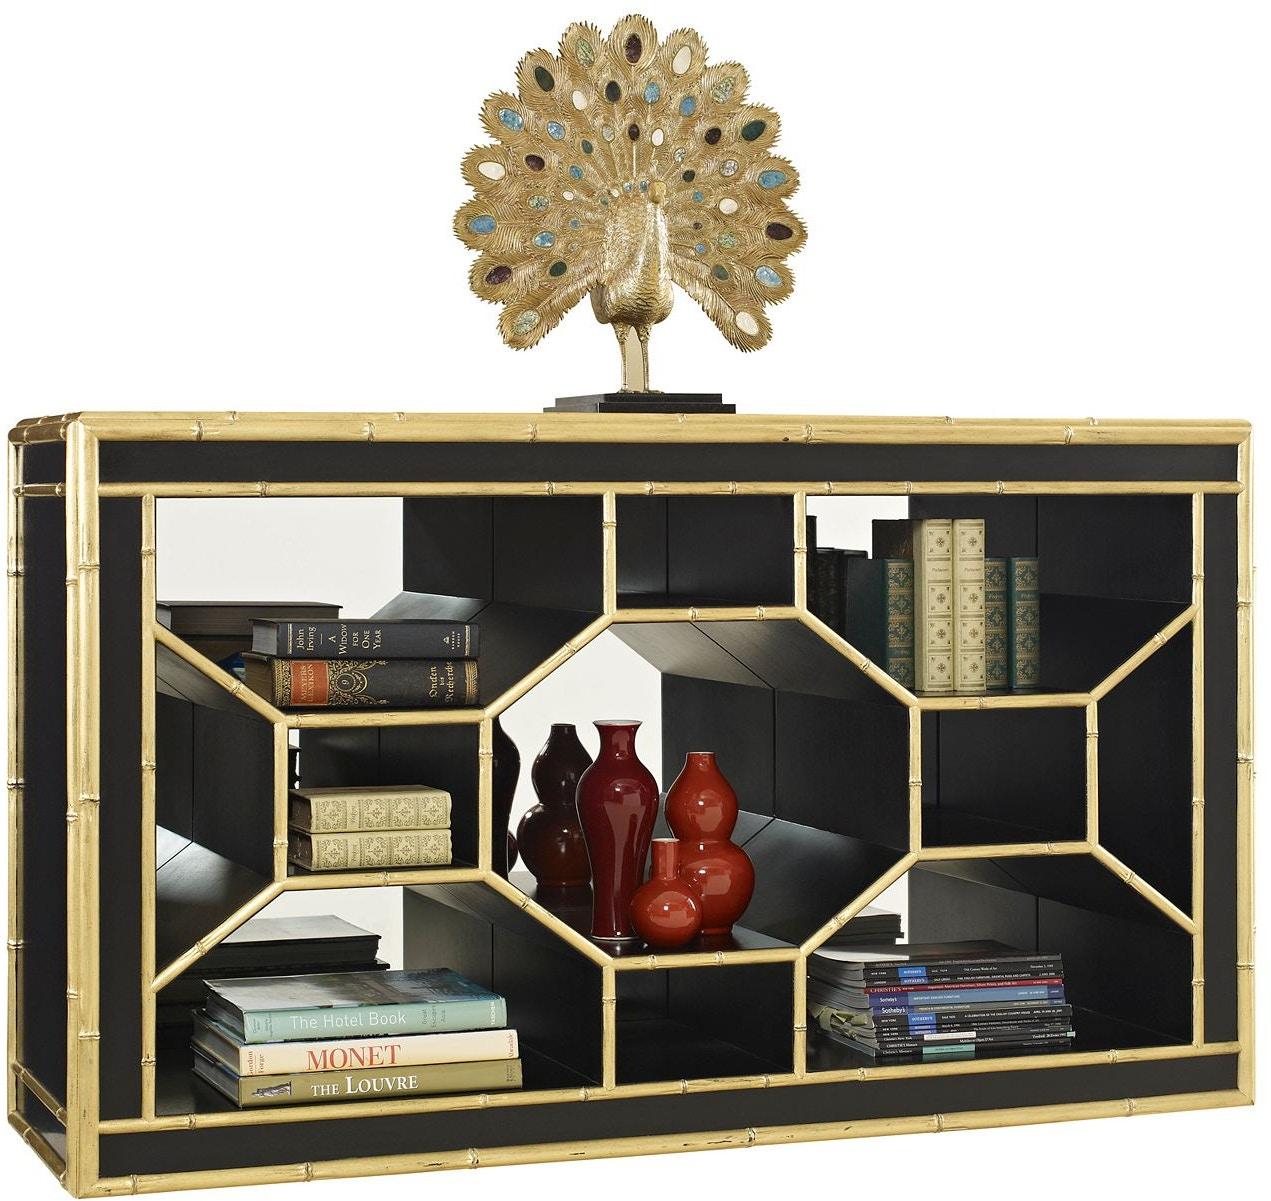 henredon furniture celerie kemble for henredon ravenel low bookcase 8203 60 396g - Celerie Kemble Furniture